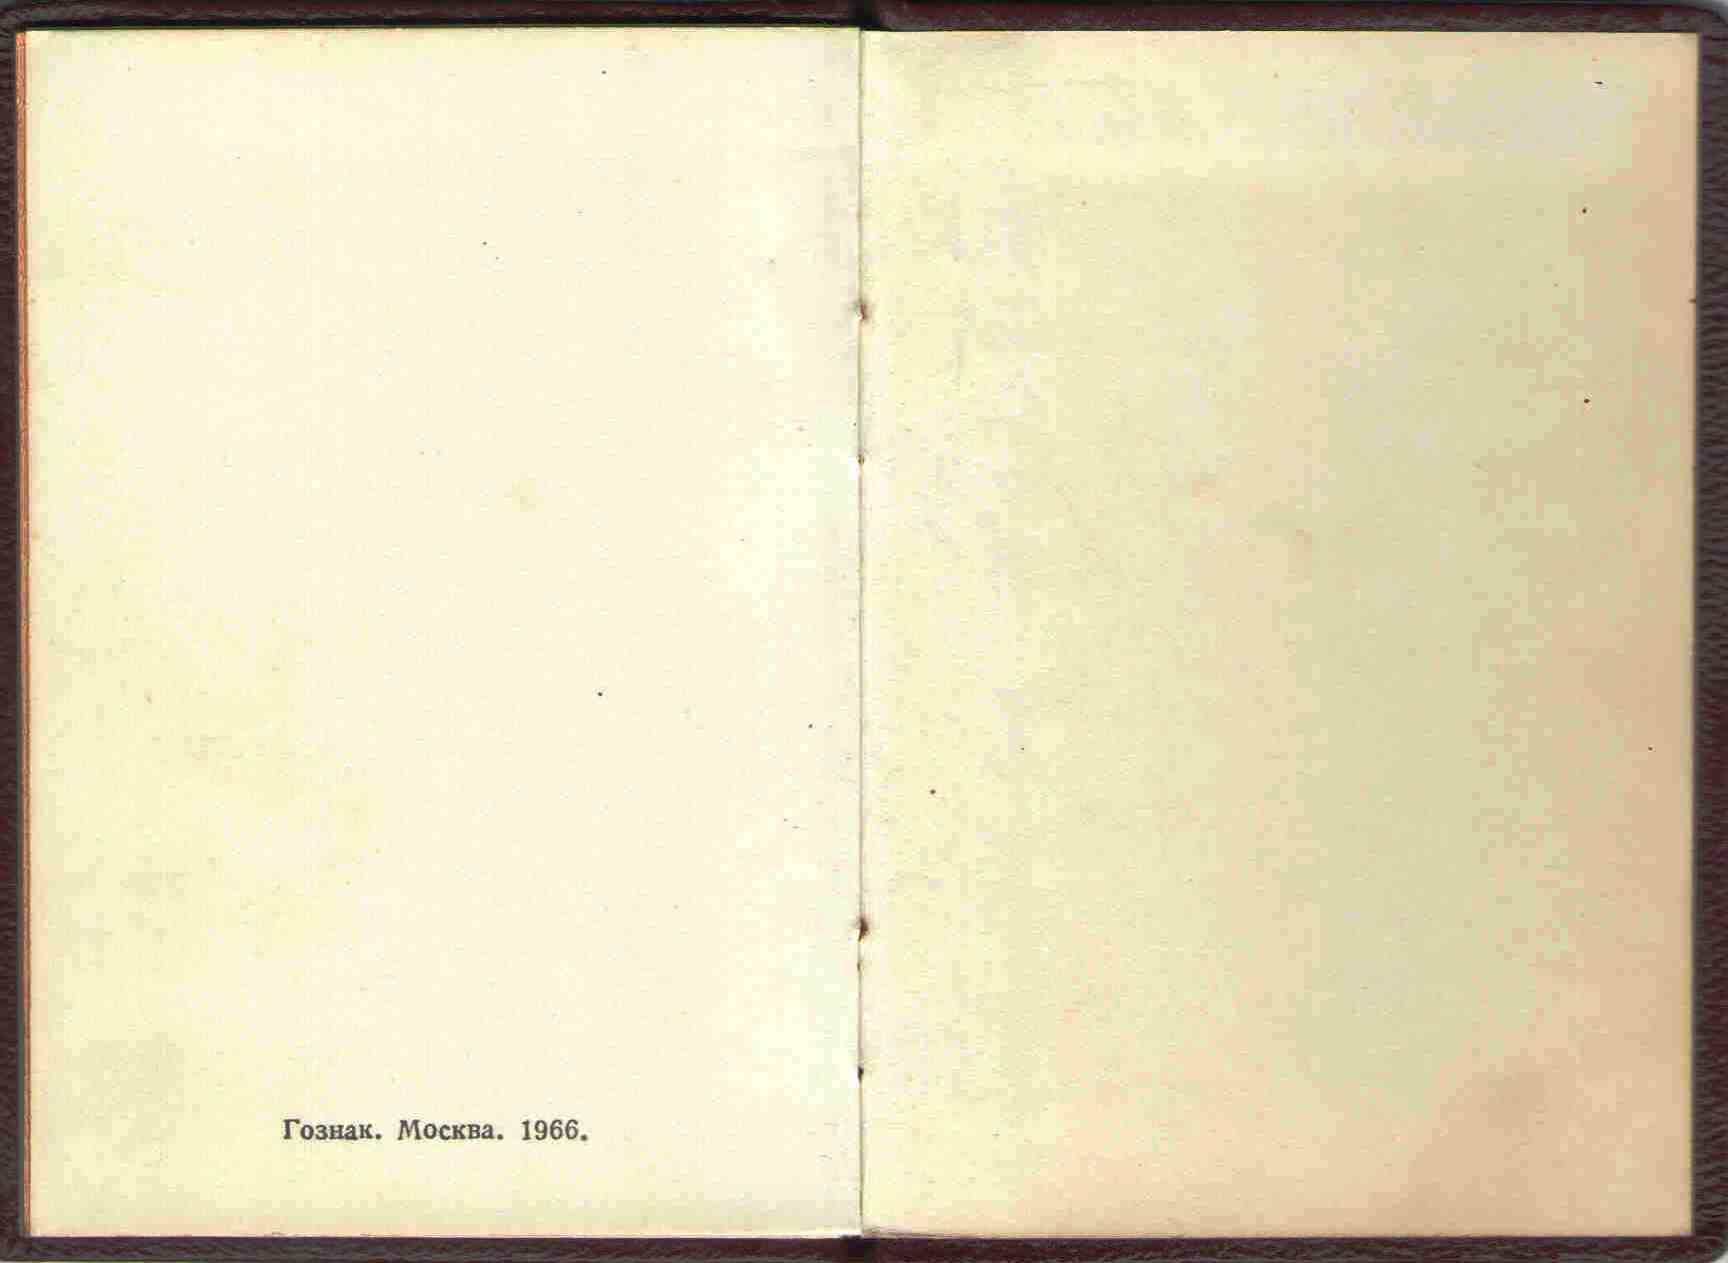 56. Удостоверение Мать Героиня, 1967